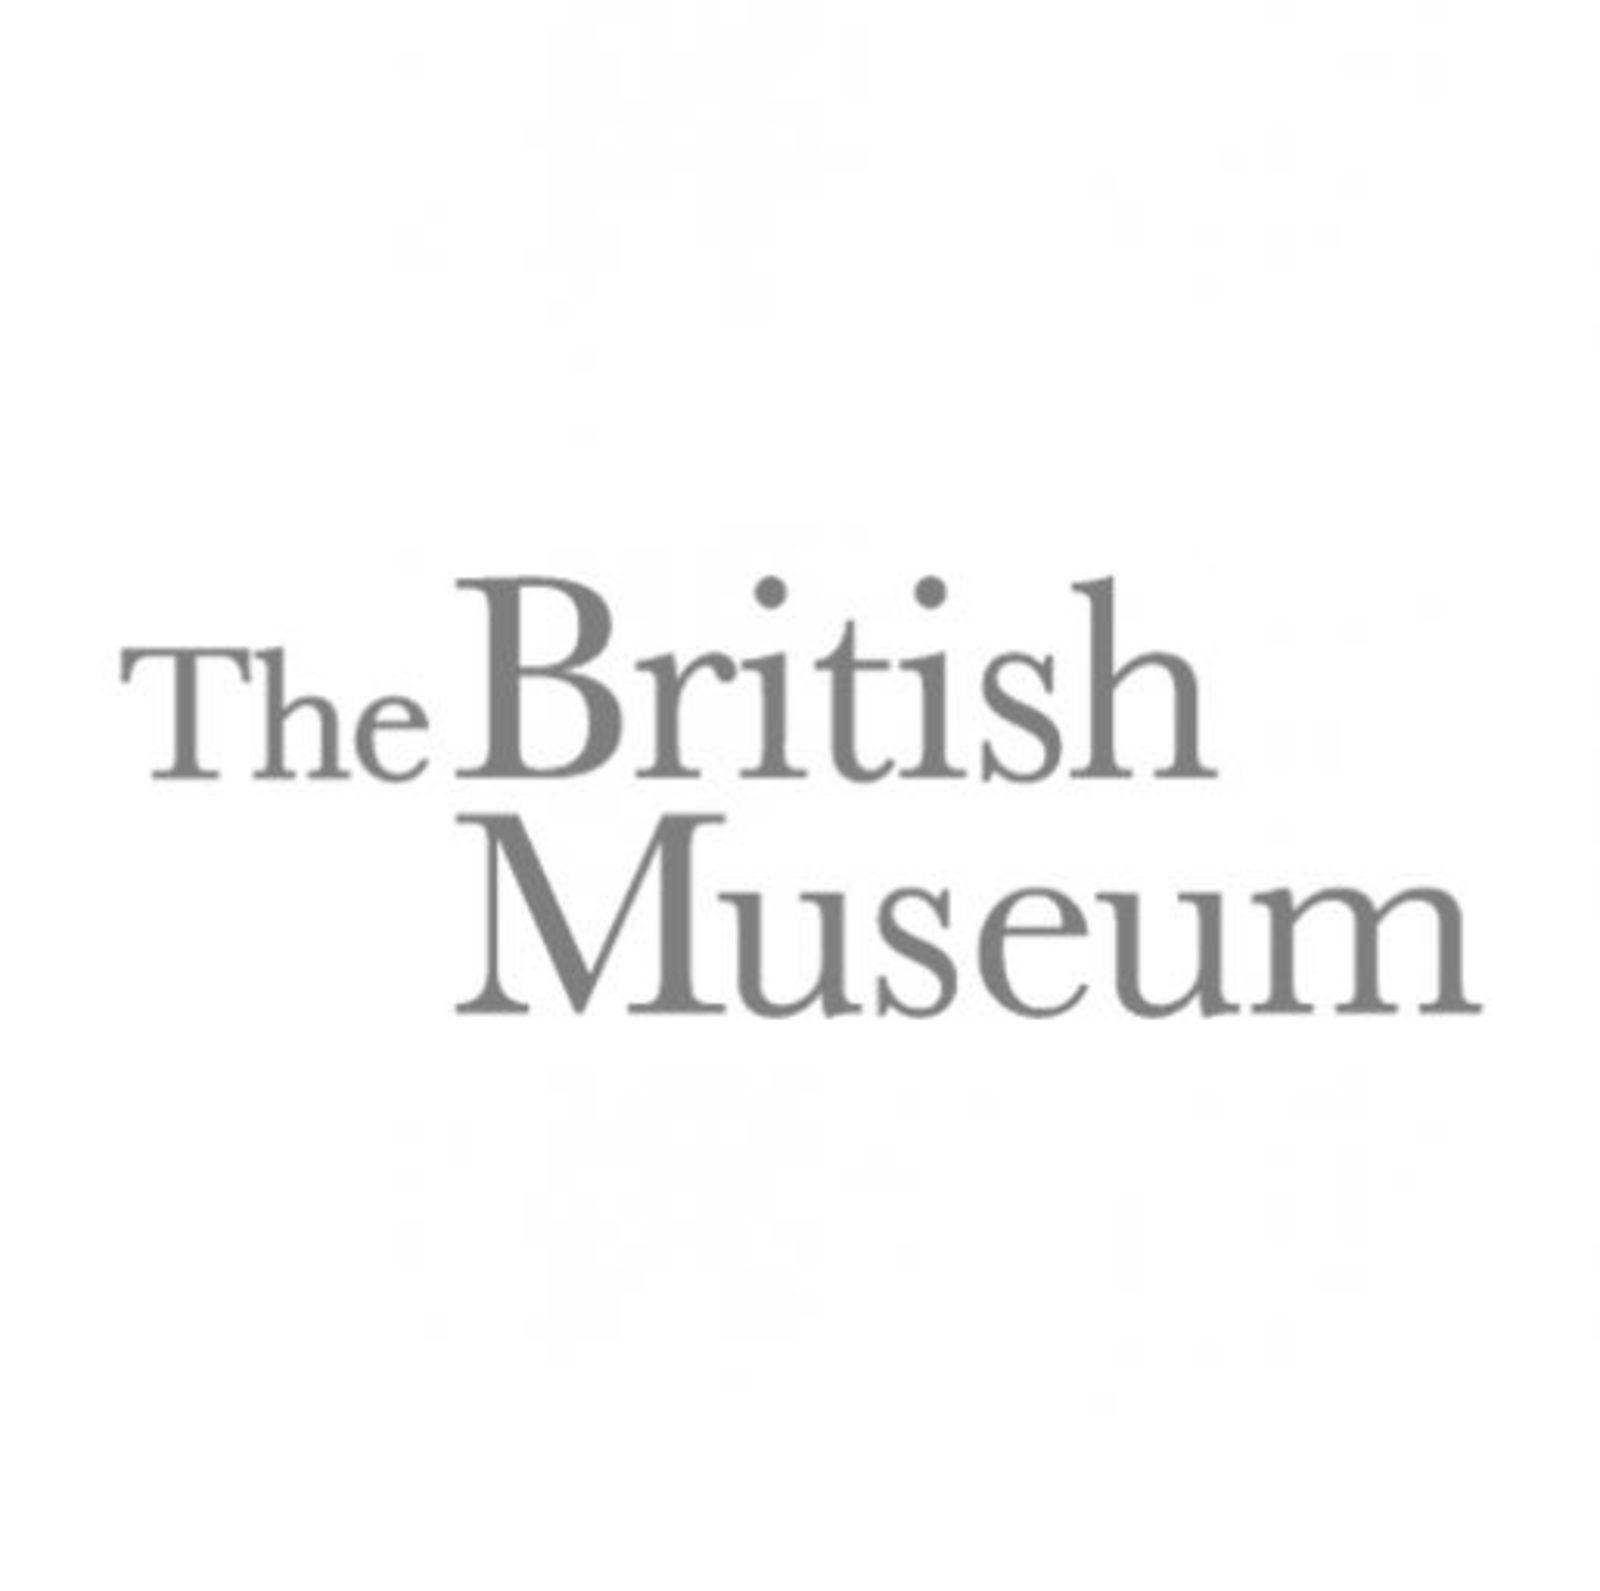 Descoperă o filă de istorie. Intră gratuit la The British Museum.